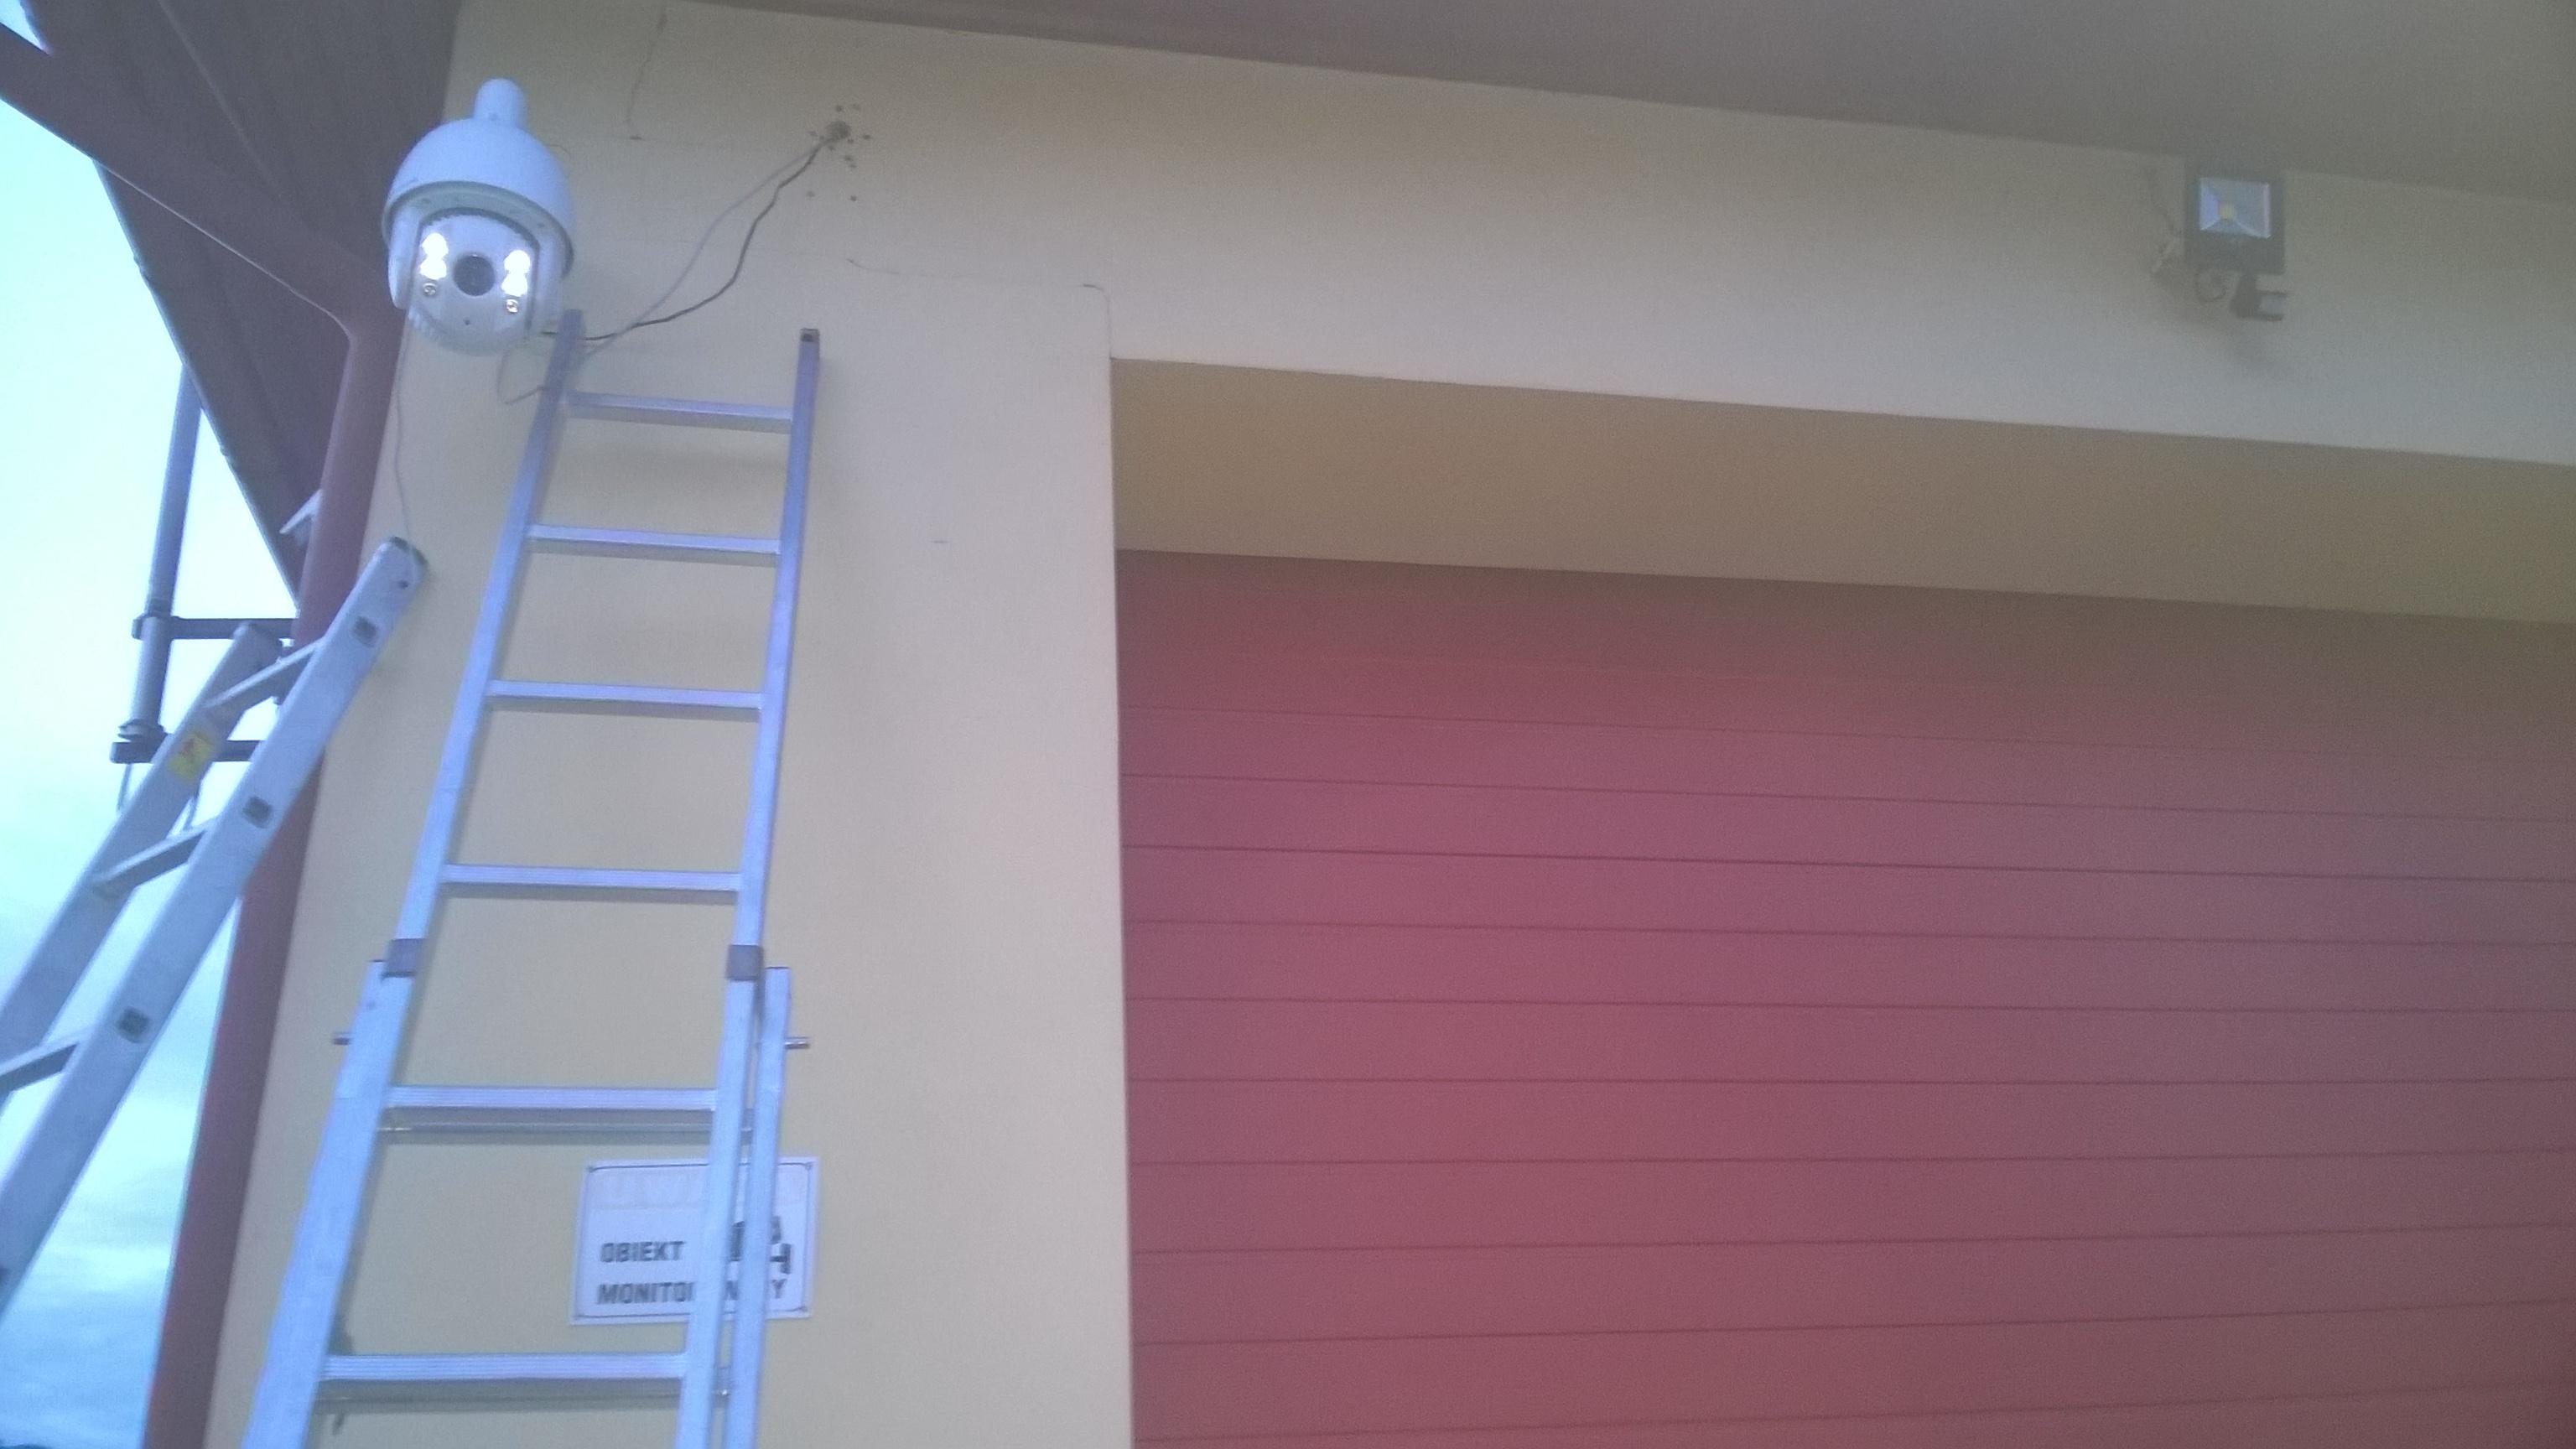 Zainstalowaliśmy monitoring na budynku jednostki OSP Straż pożarna w Stalowa Wola Charzewice monitoring hikvision